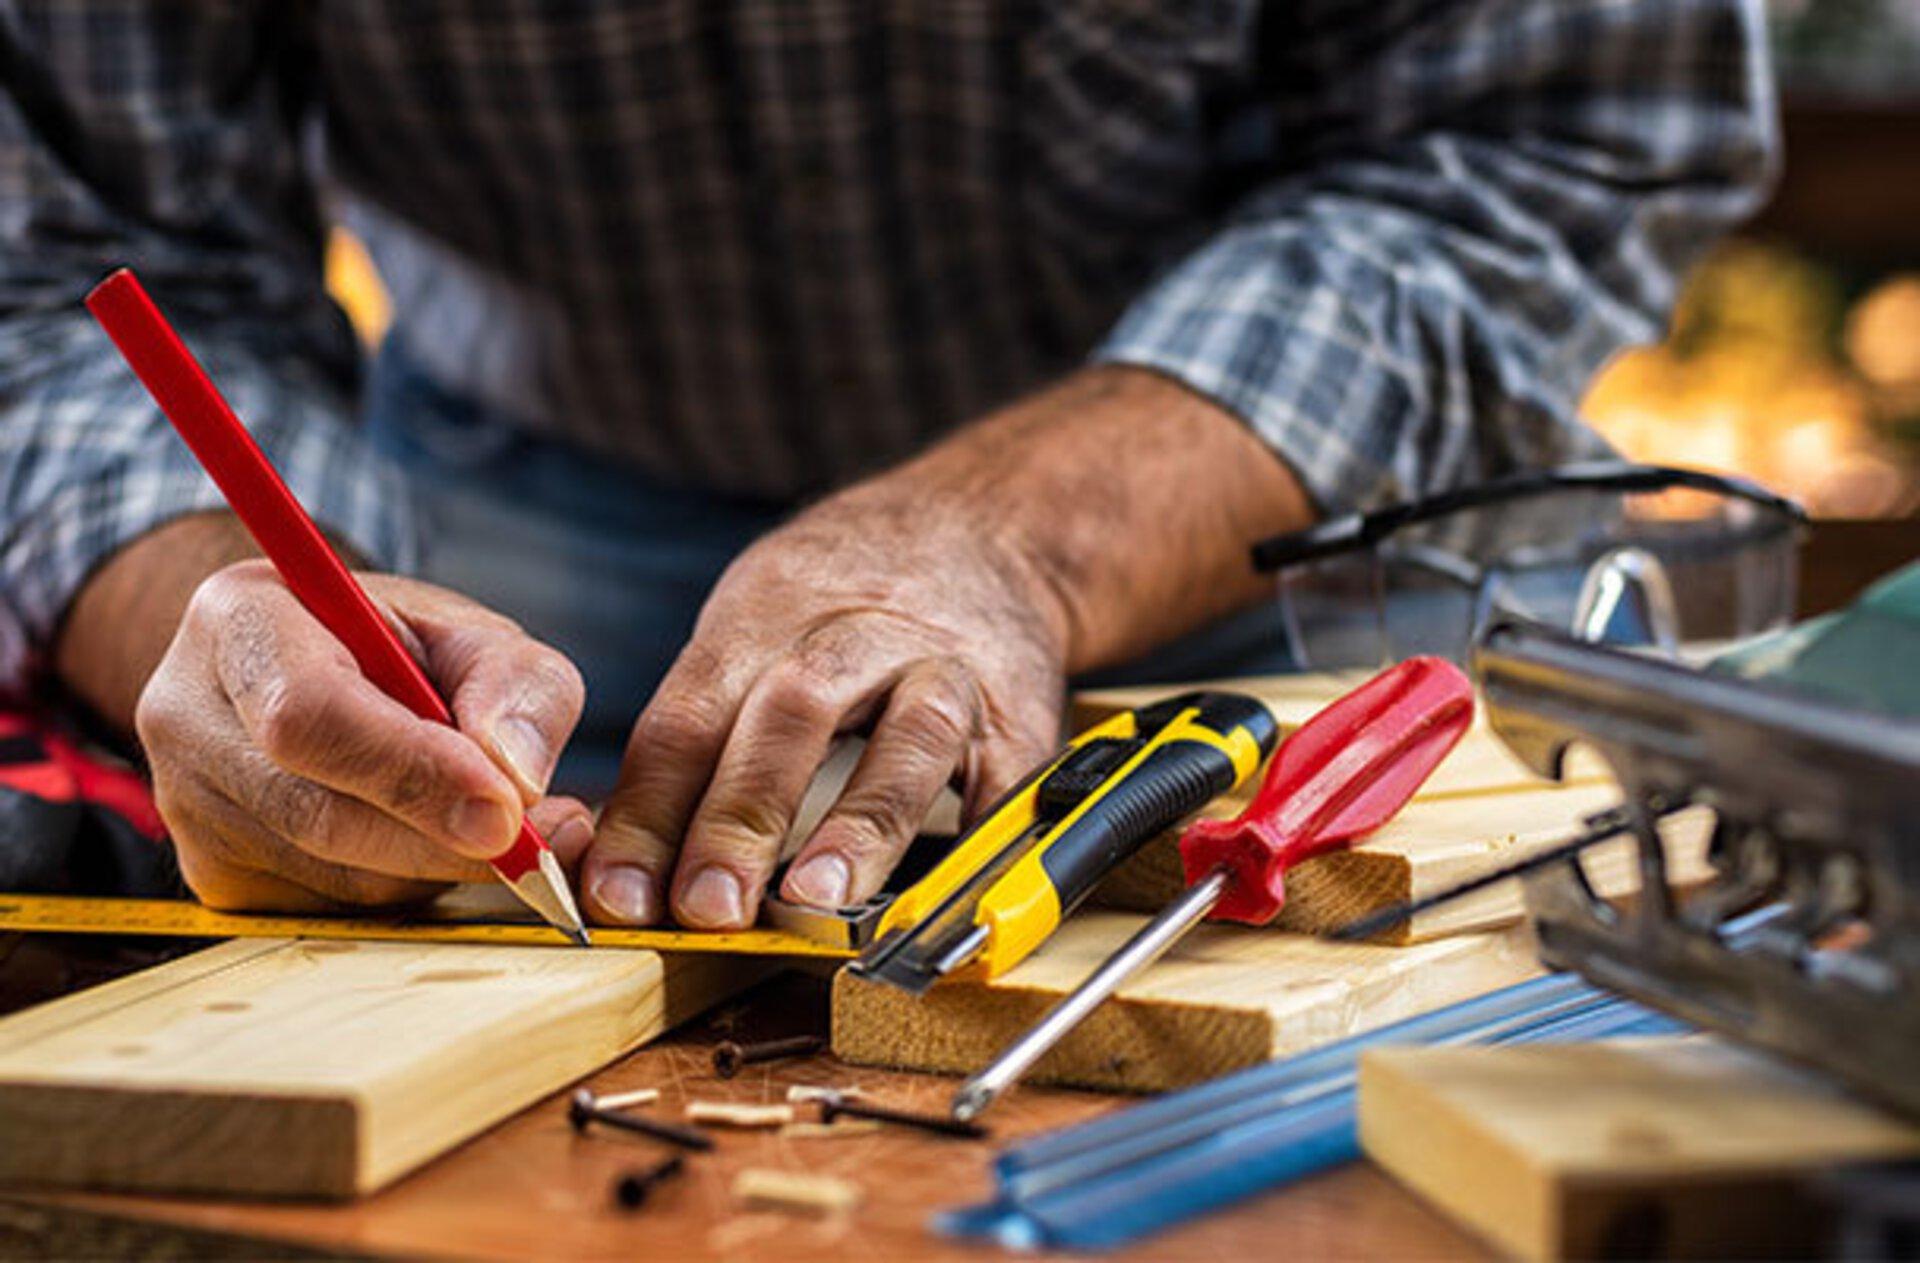 Holzvorbereitung in der Schreinerei